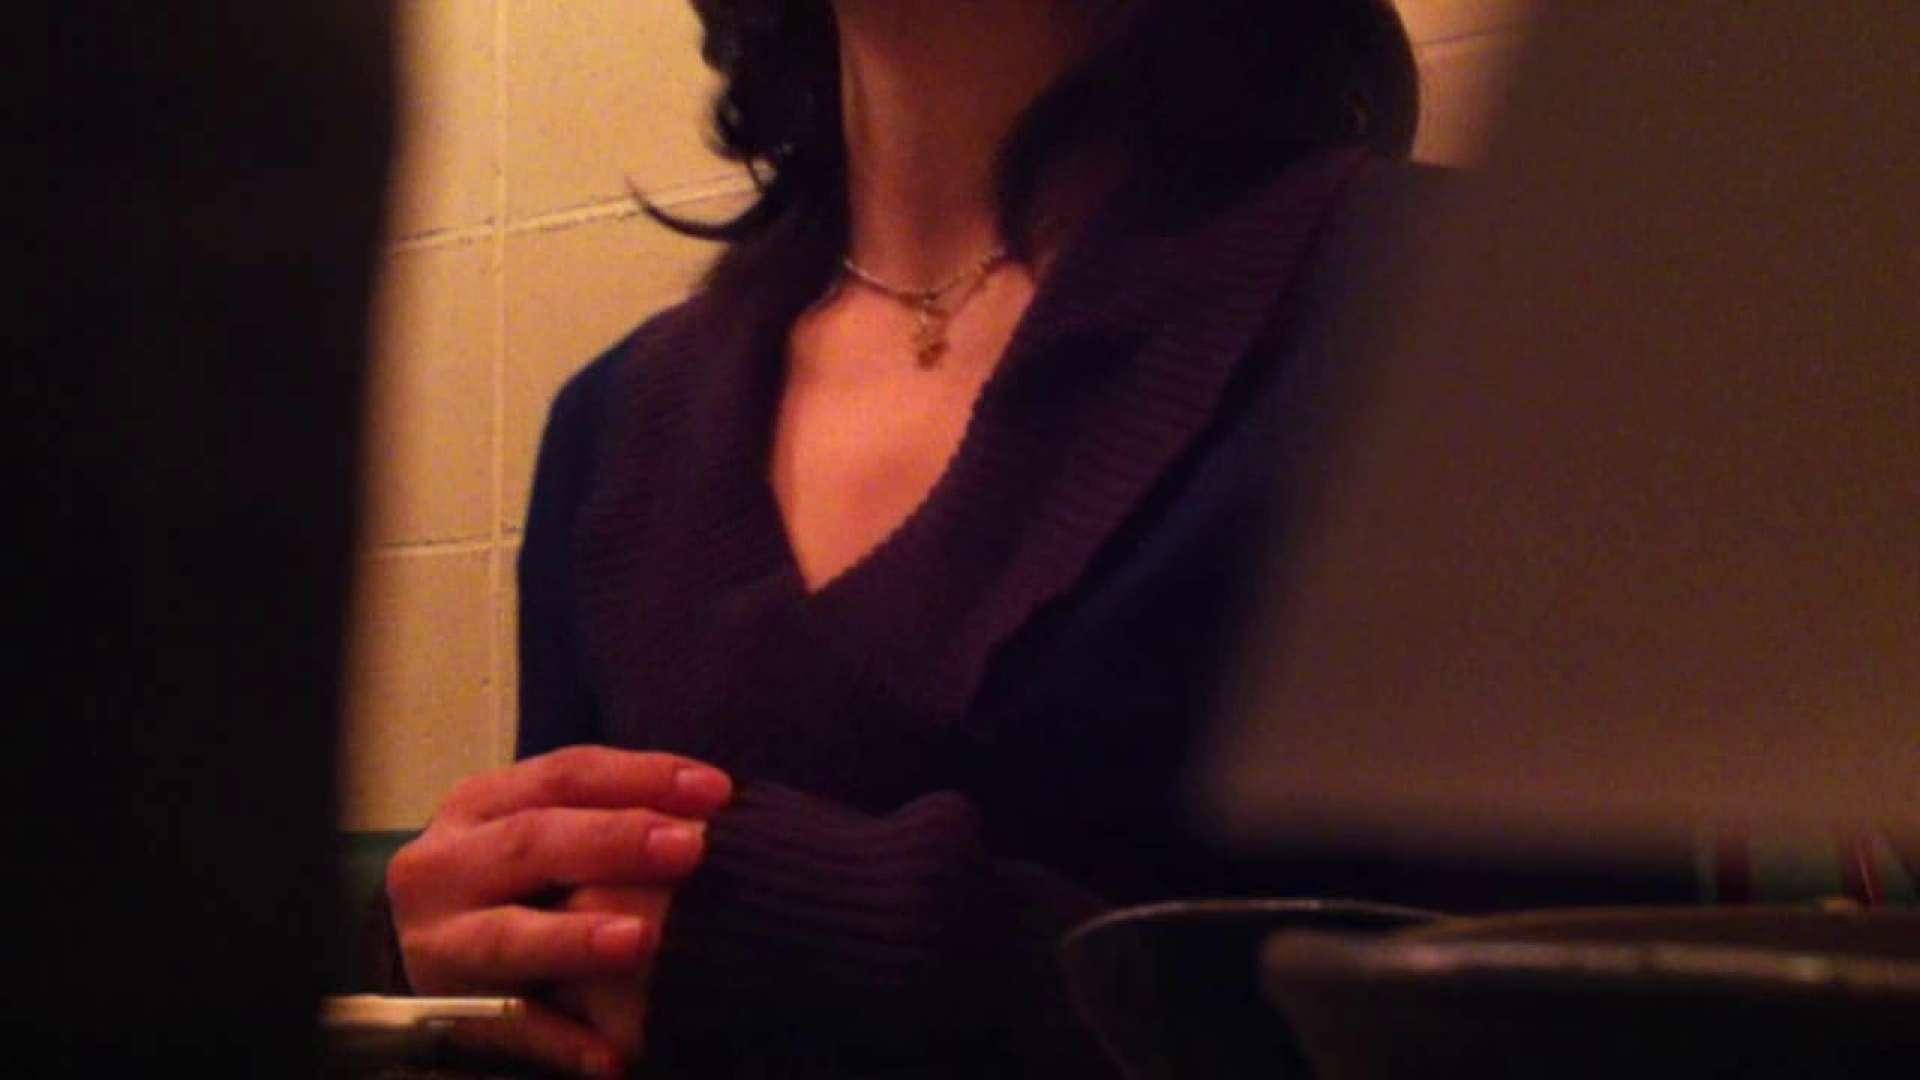 32才バツイチ子持ち現役看護婦じゅんこの変態願望Vol.1 性欲 AV無料 104pic 6